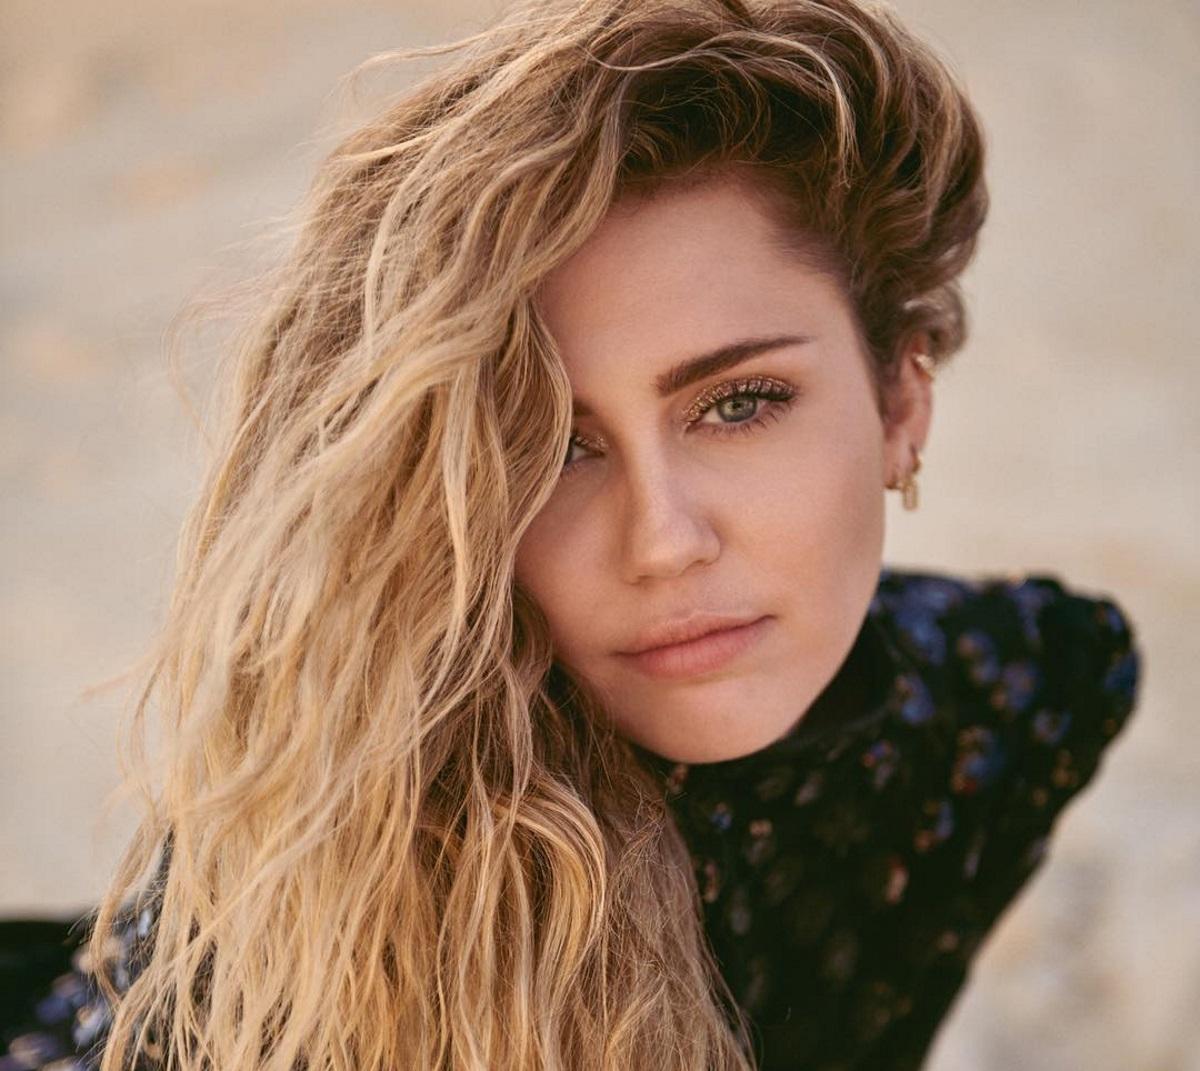 Miley Cyrus: Άκρως αποκαλυπτική στη νέα της φωτογράφιση! Όσα αποκαλύπτει για τη σεξουαλικότητά της [pics]